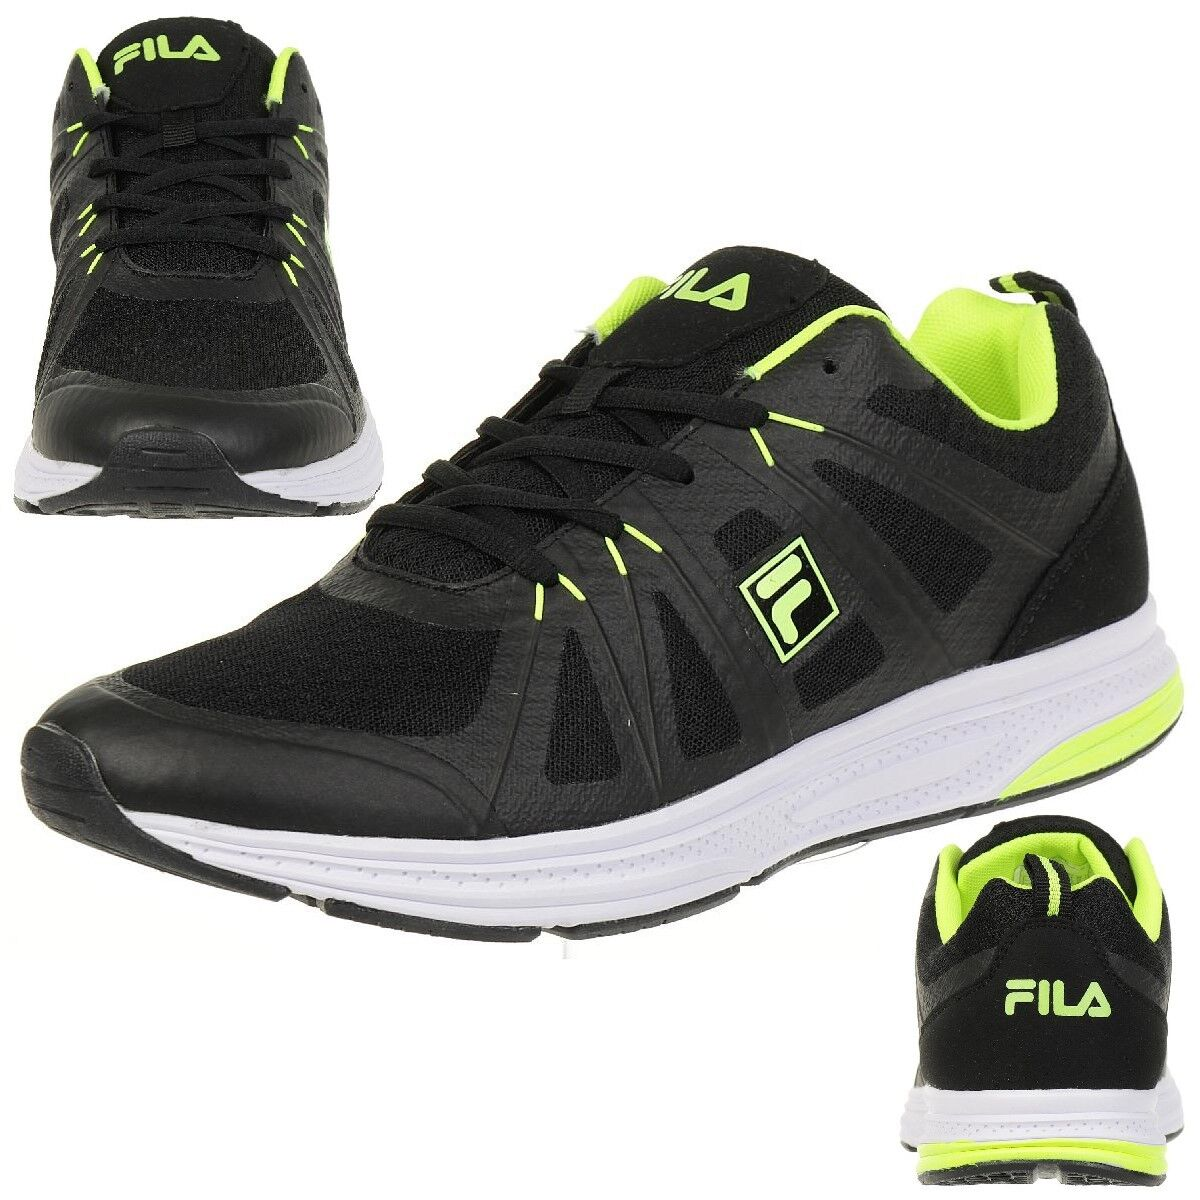 Fila Colt Bas Course Chaussure de Course Course Homme Baskets black Confort Foam